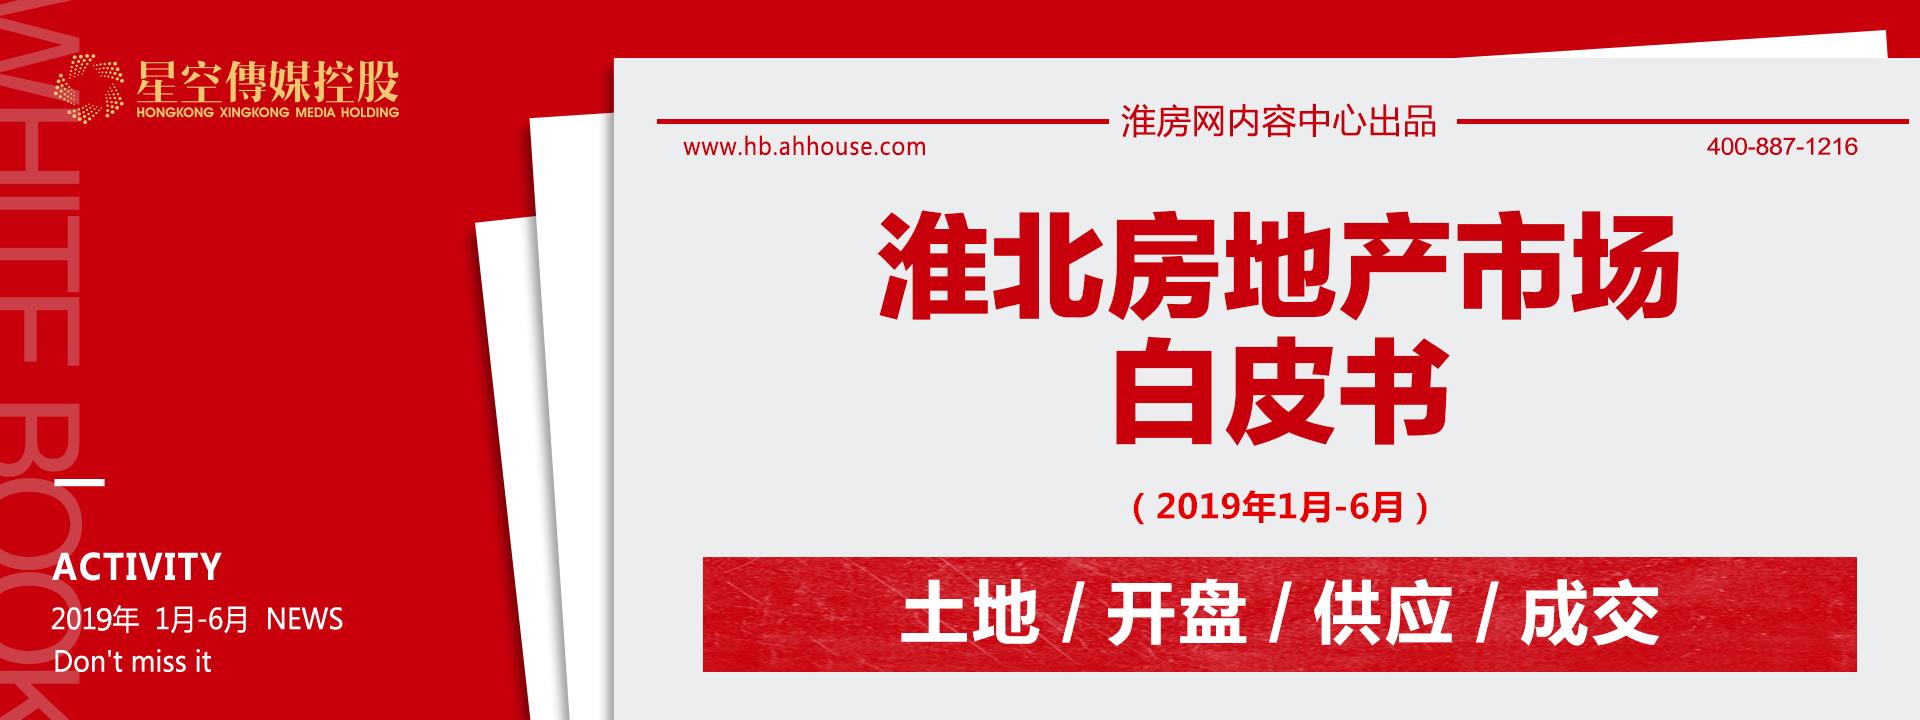 淮房网数据—淮北房地产市场2019年中楼市白皮书